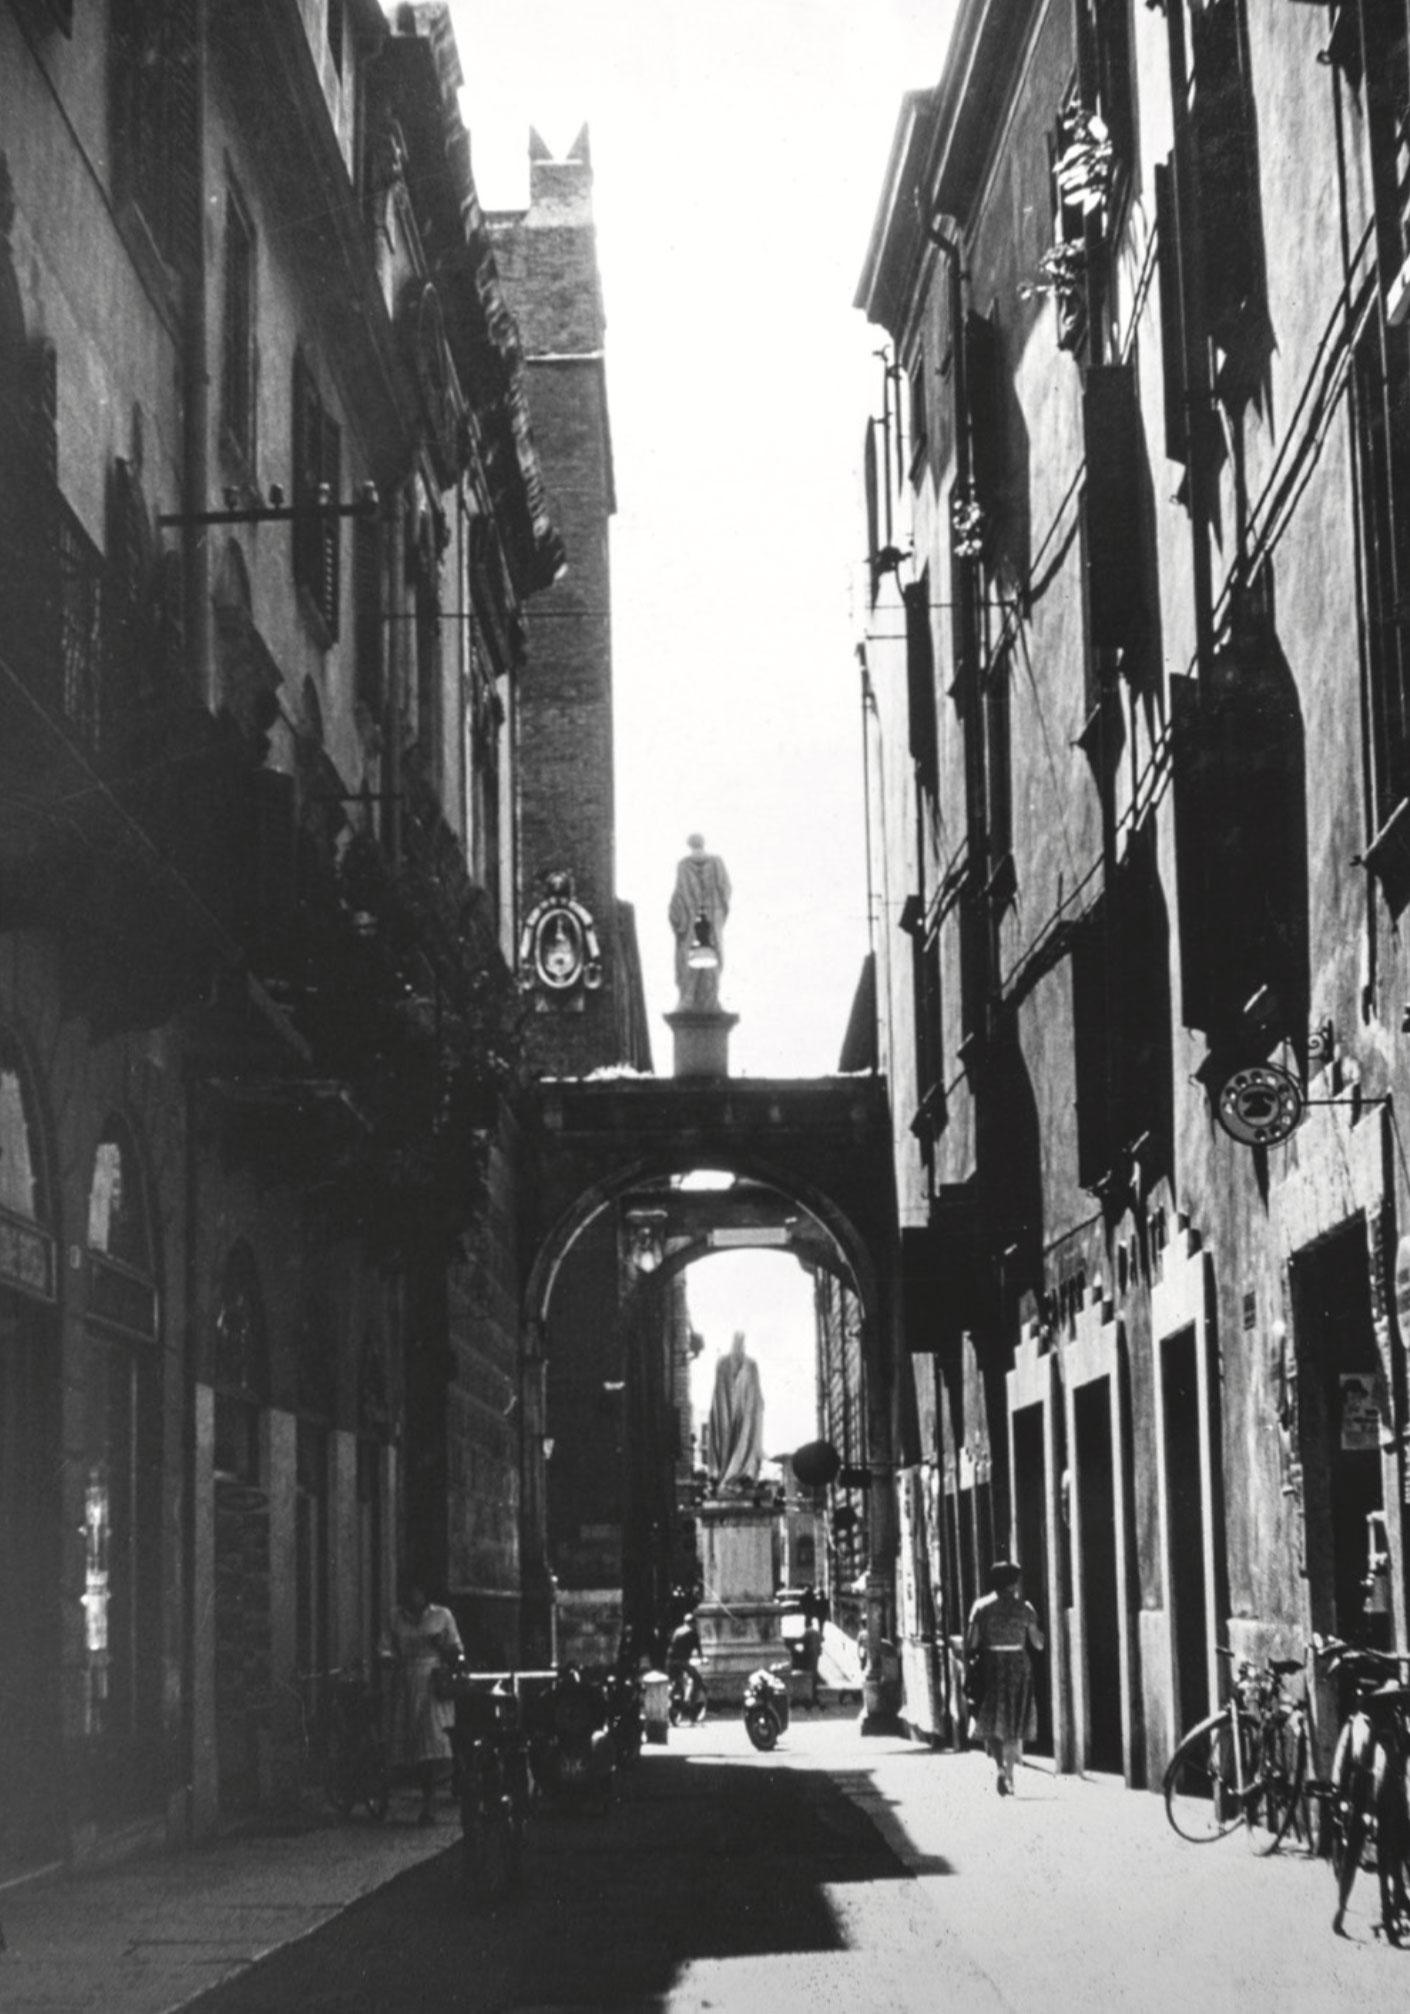 Piazza Dante in Verona, Italy